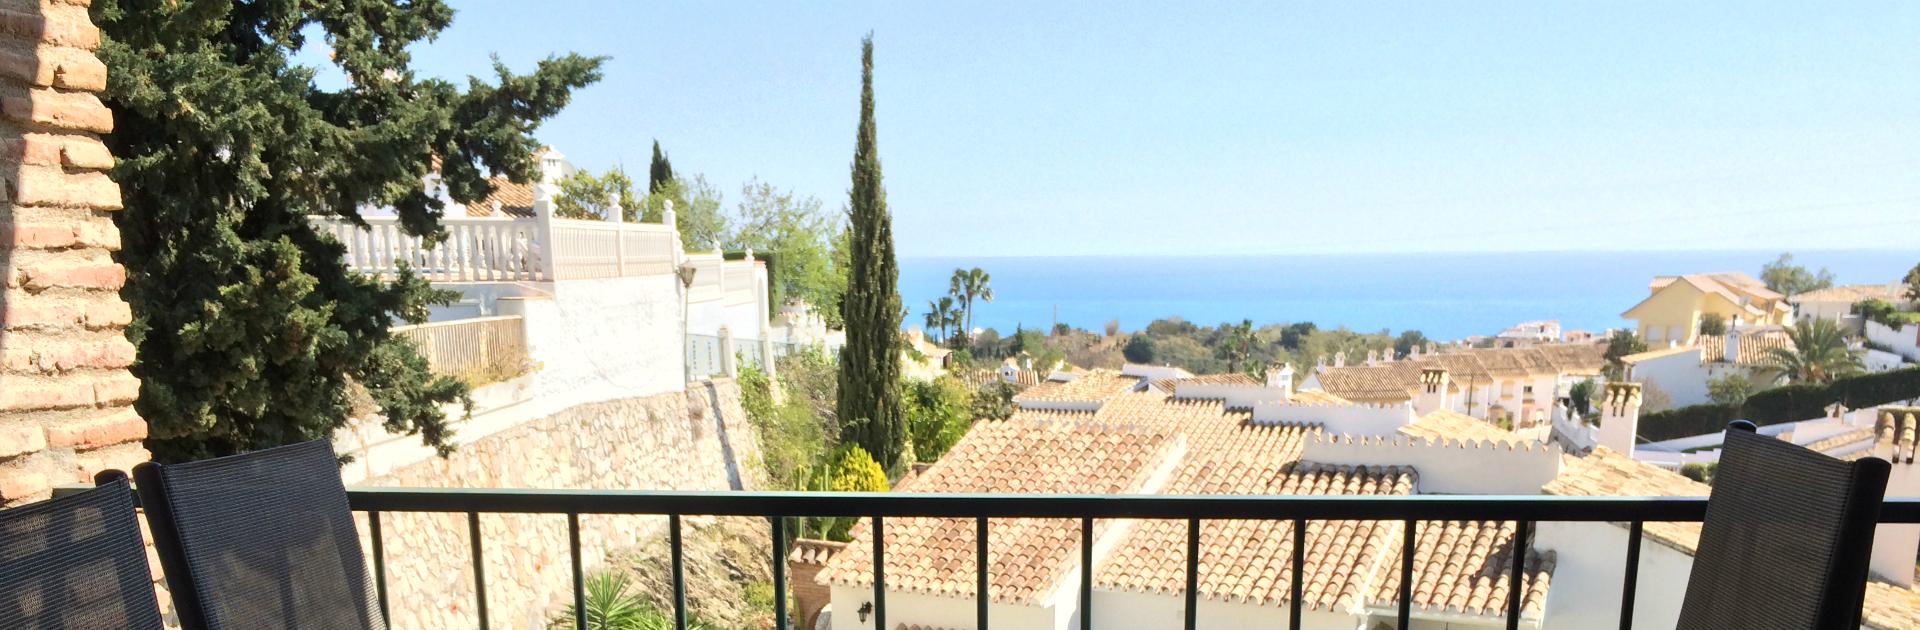 Terrasse-Malaga-sydspanien